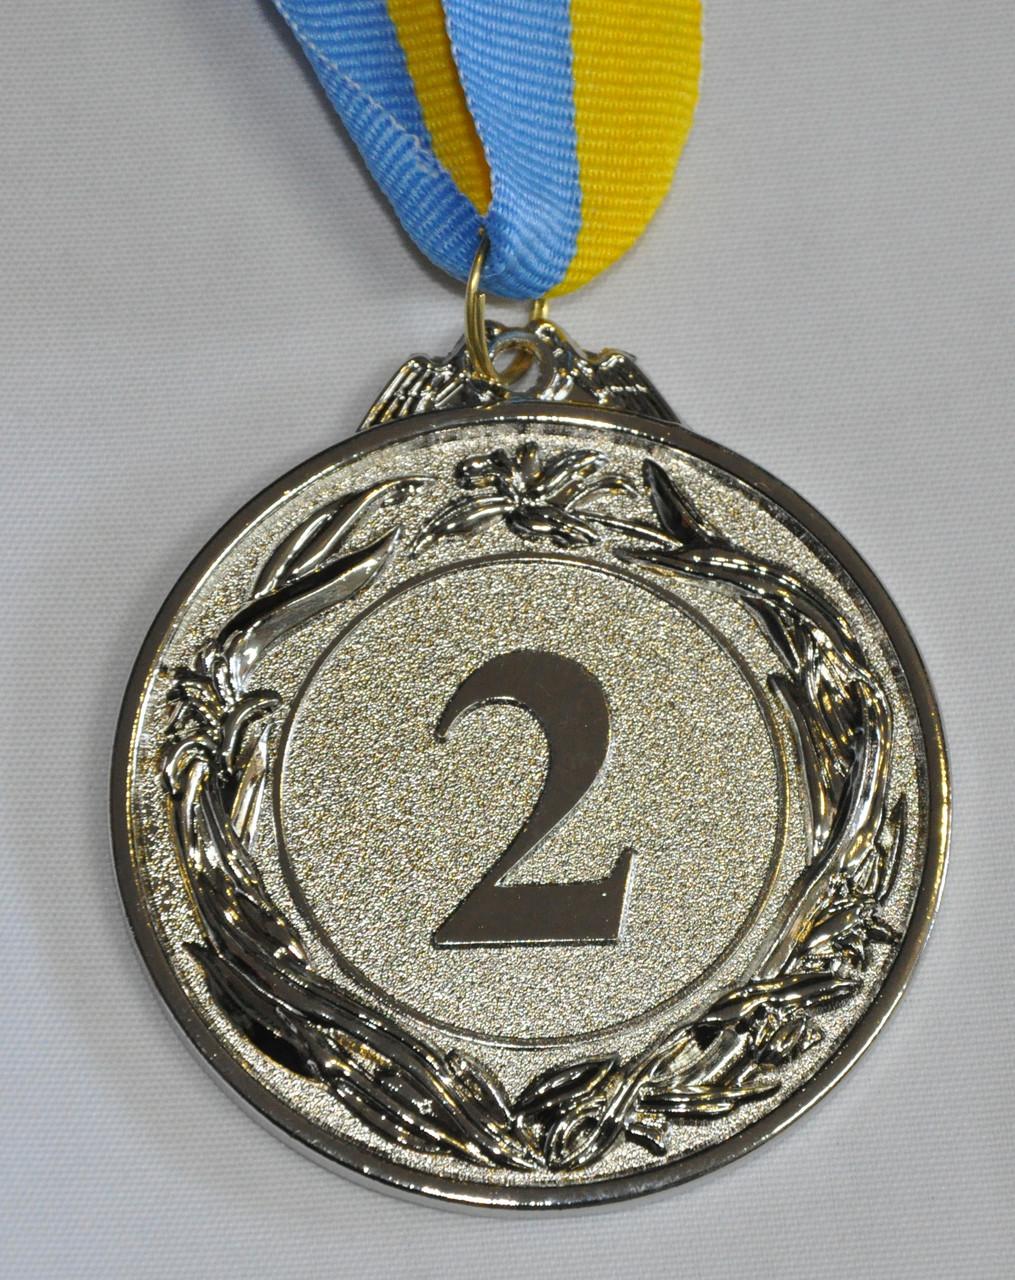 Медаль спортивна з стрічкою GLORY d-6,5 см C-4327-2 місце 2-срібло (метал, d-6,5 см, 40g)